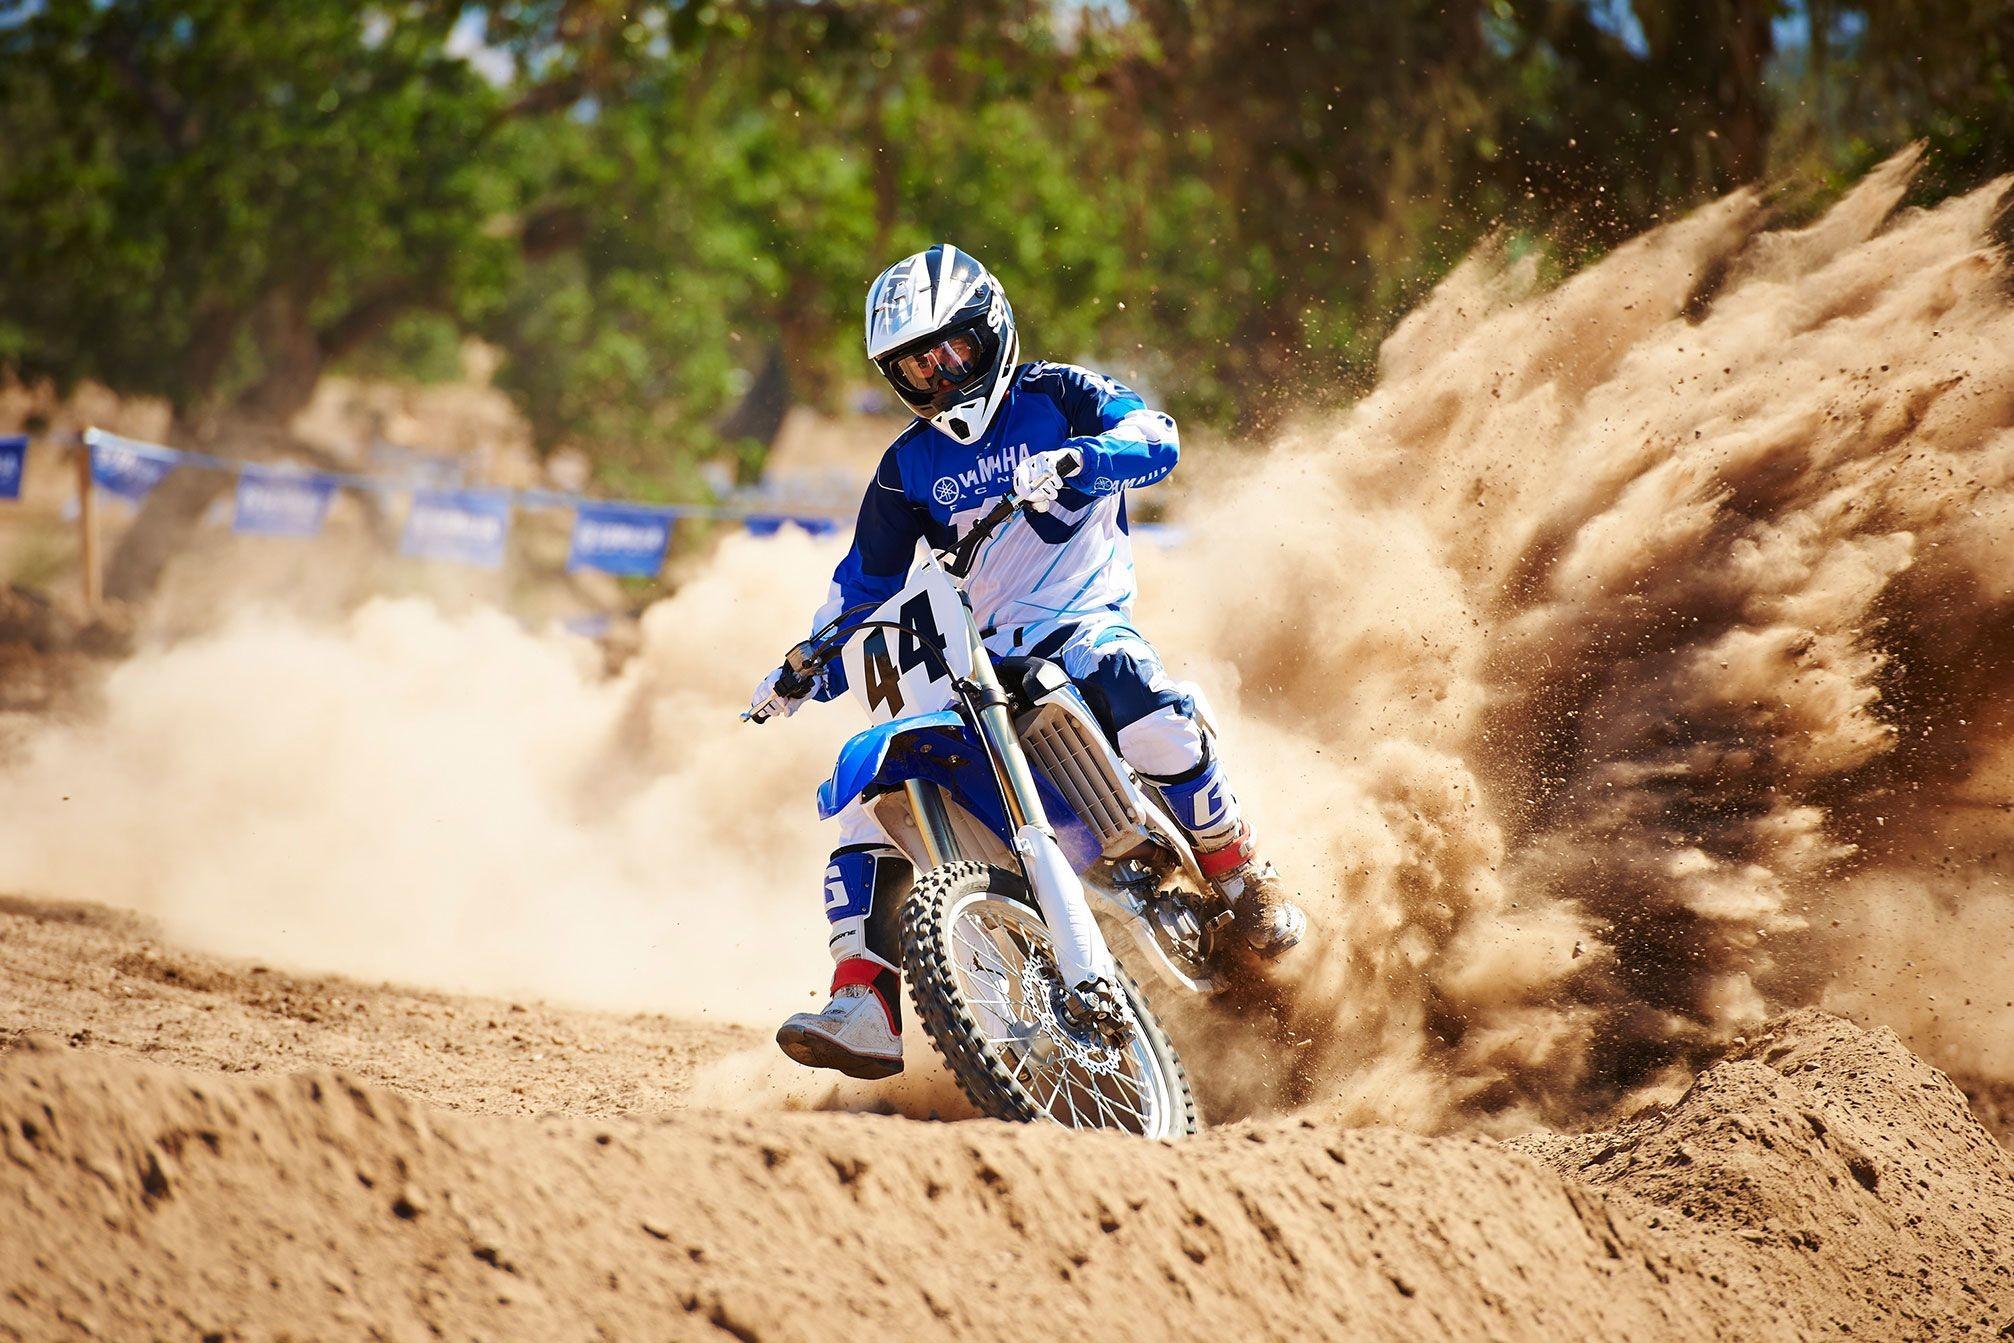 … Hd Dirt Bike Wallpapers. Download